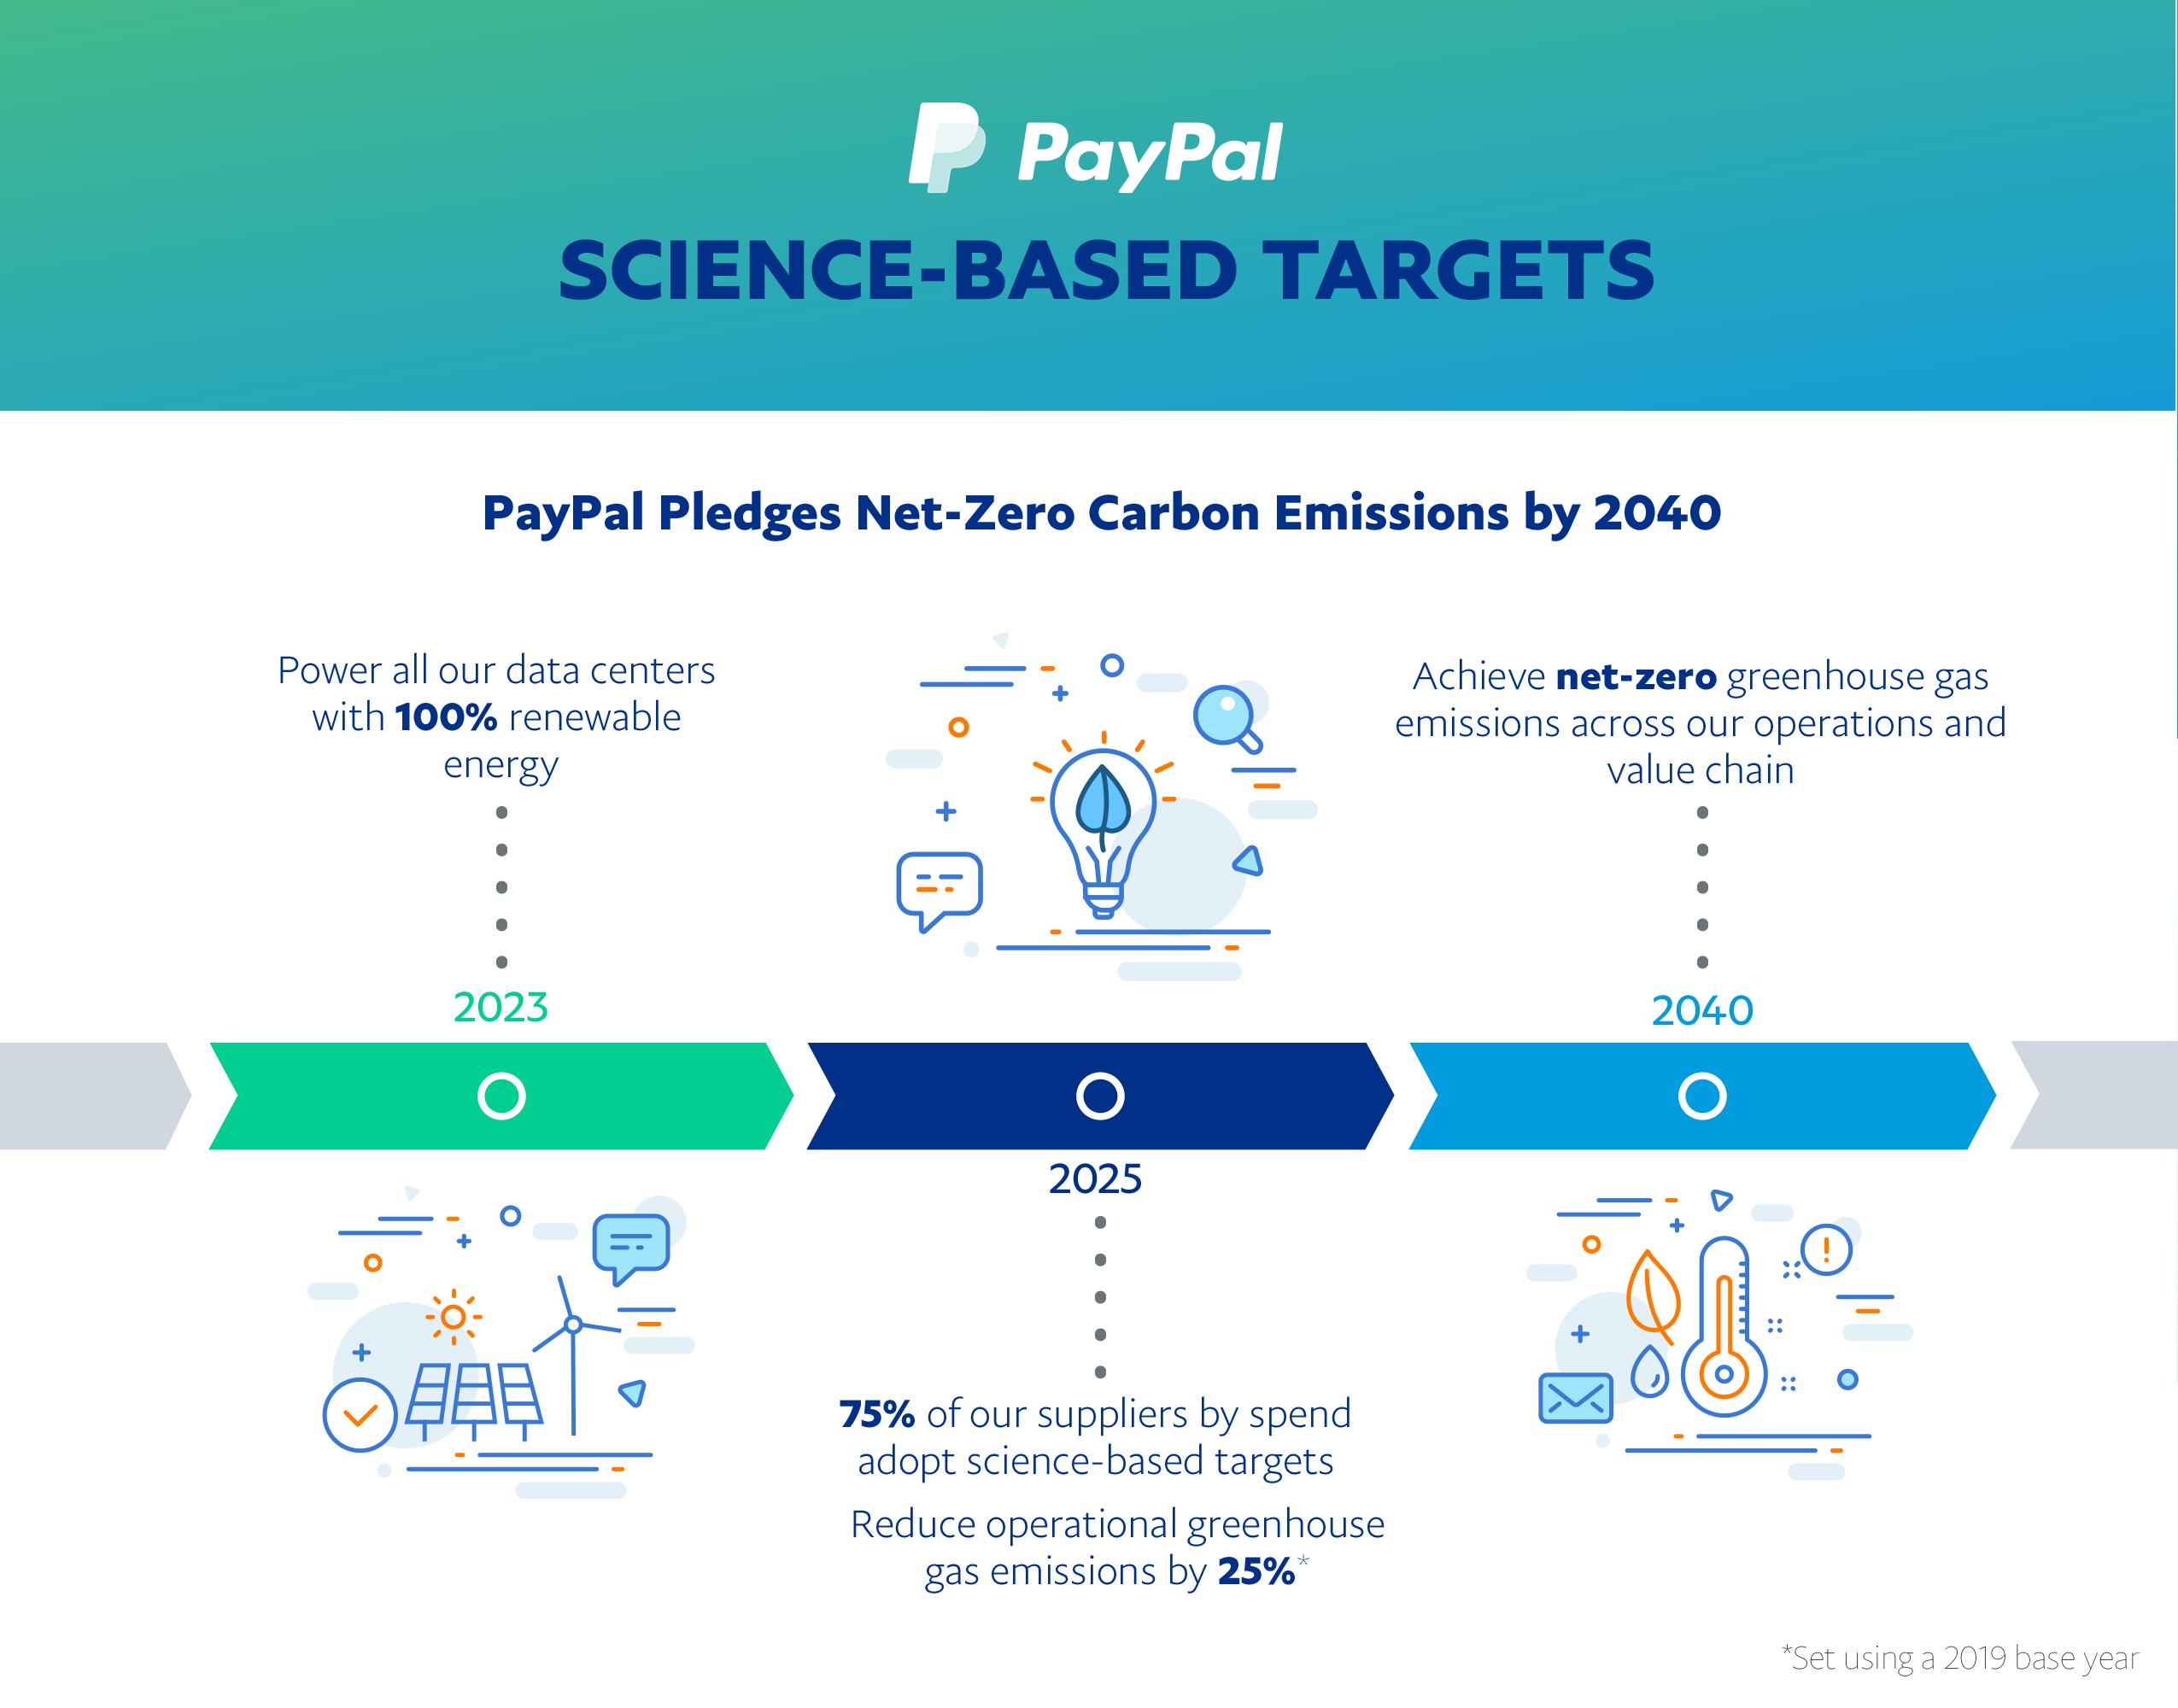 ペイパルは、2040年までに温室効果ガス排出量を実質ゼロにする (https://newsroom.jp.paypal-corp.com/2021-04-06-PayPal-to-Reach-Net-Zero-Greenhouse-Gas-Emissions-by-2040)